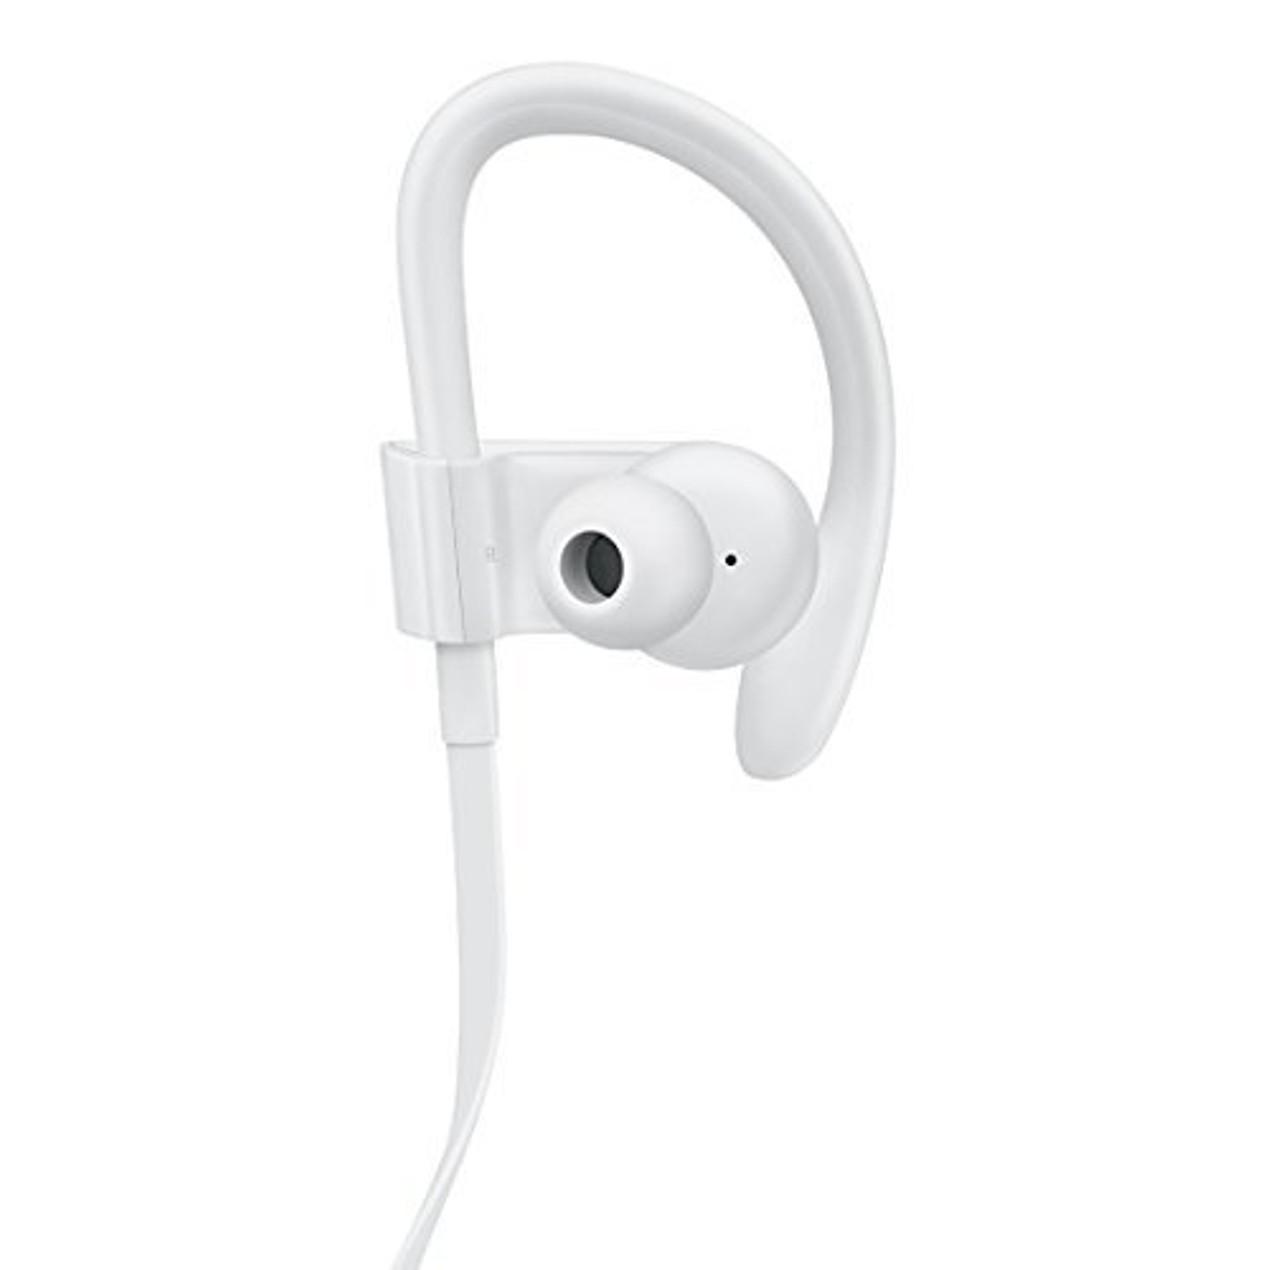 2659ce6529c ... Apple Beats by Dr. Dre Powerbeats3 Wireless In-Ear Headphones - White